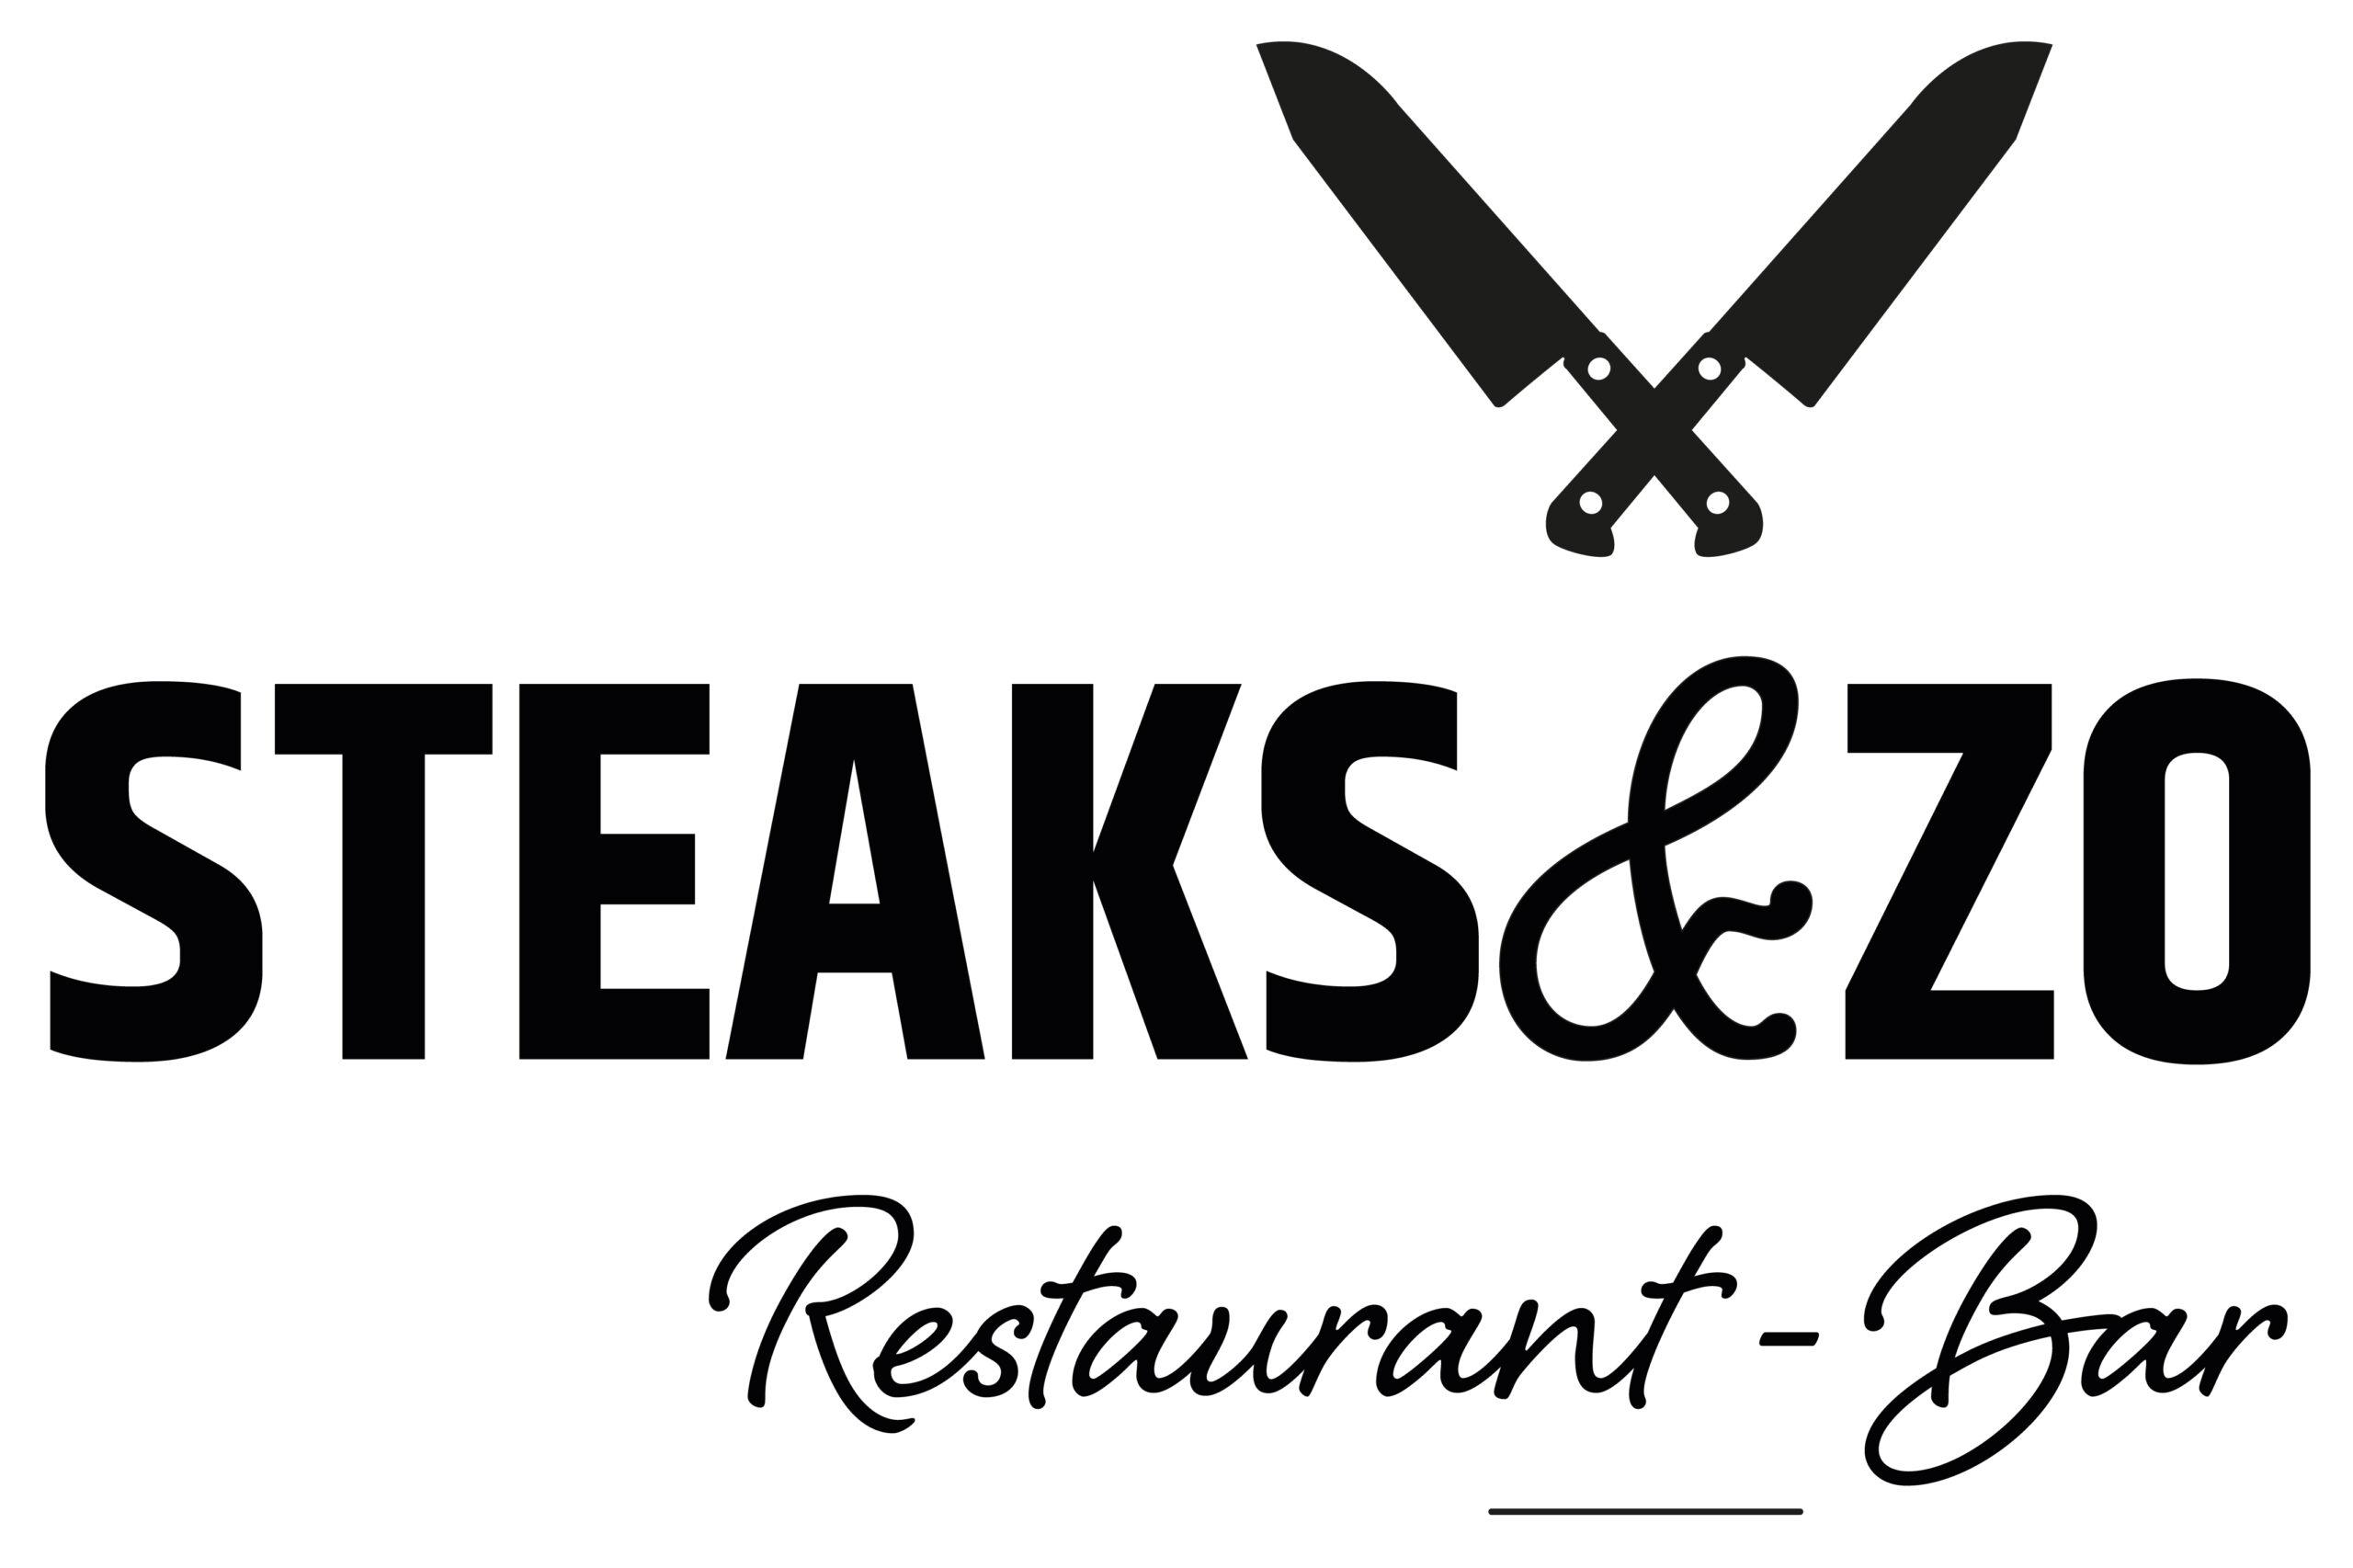 Steaks & zo